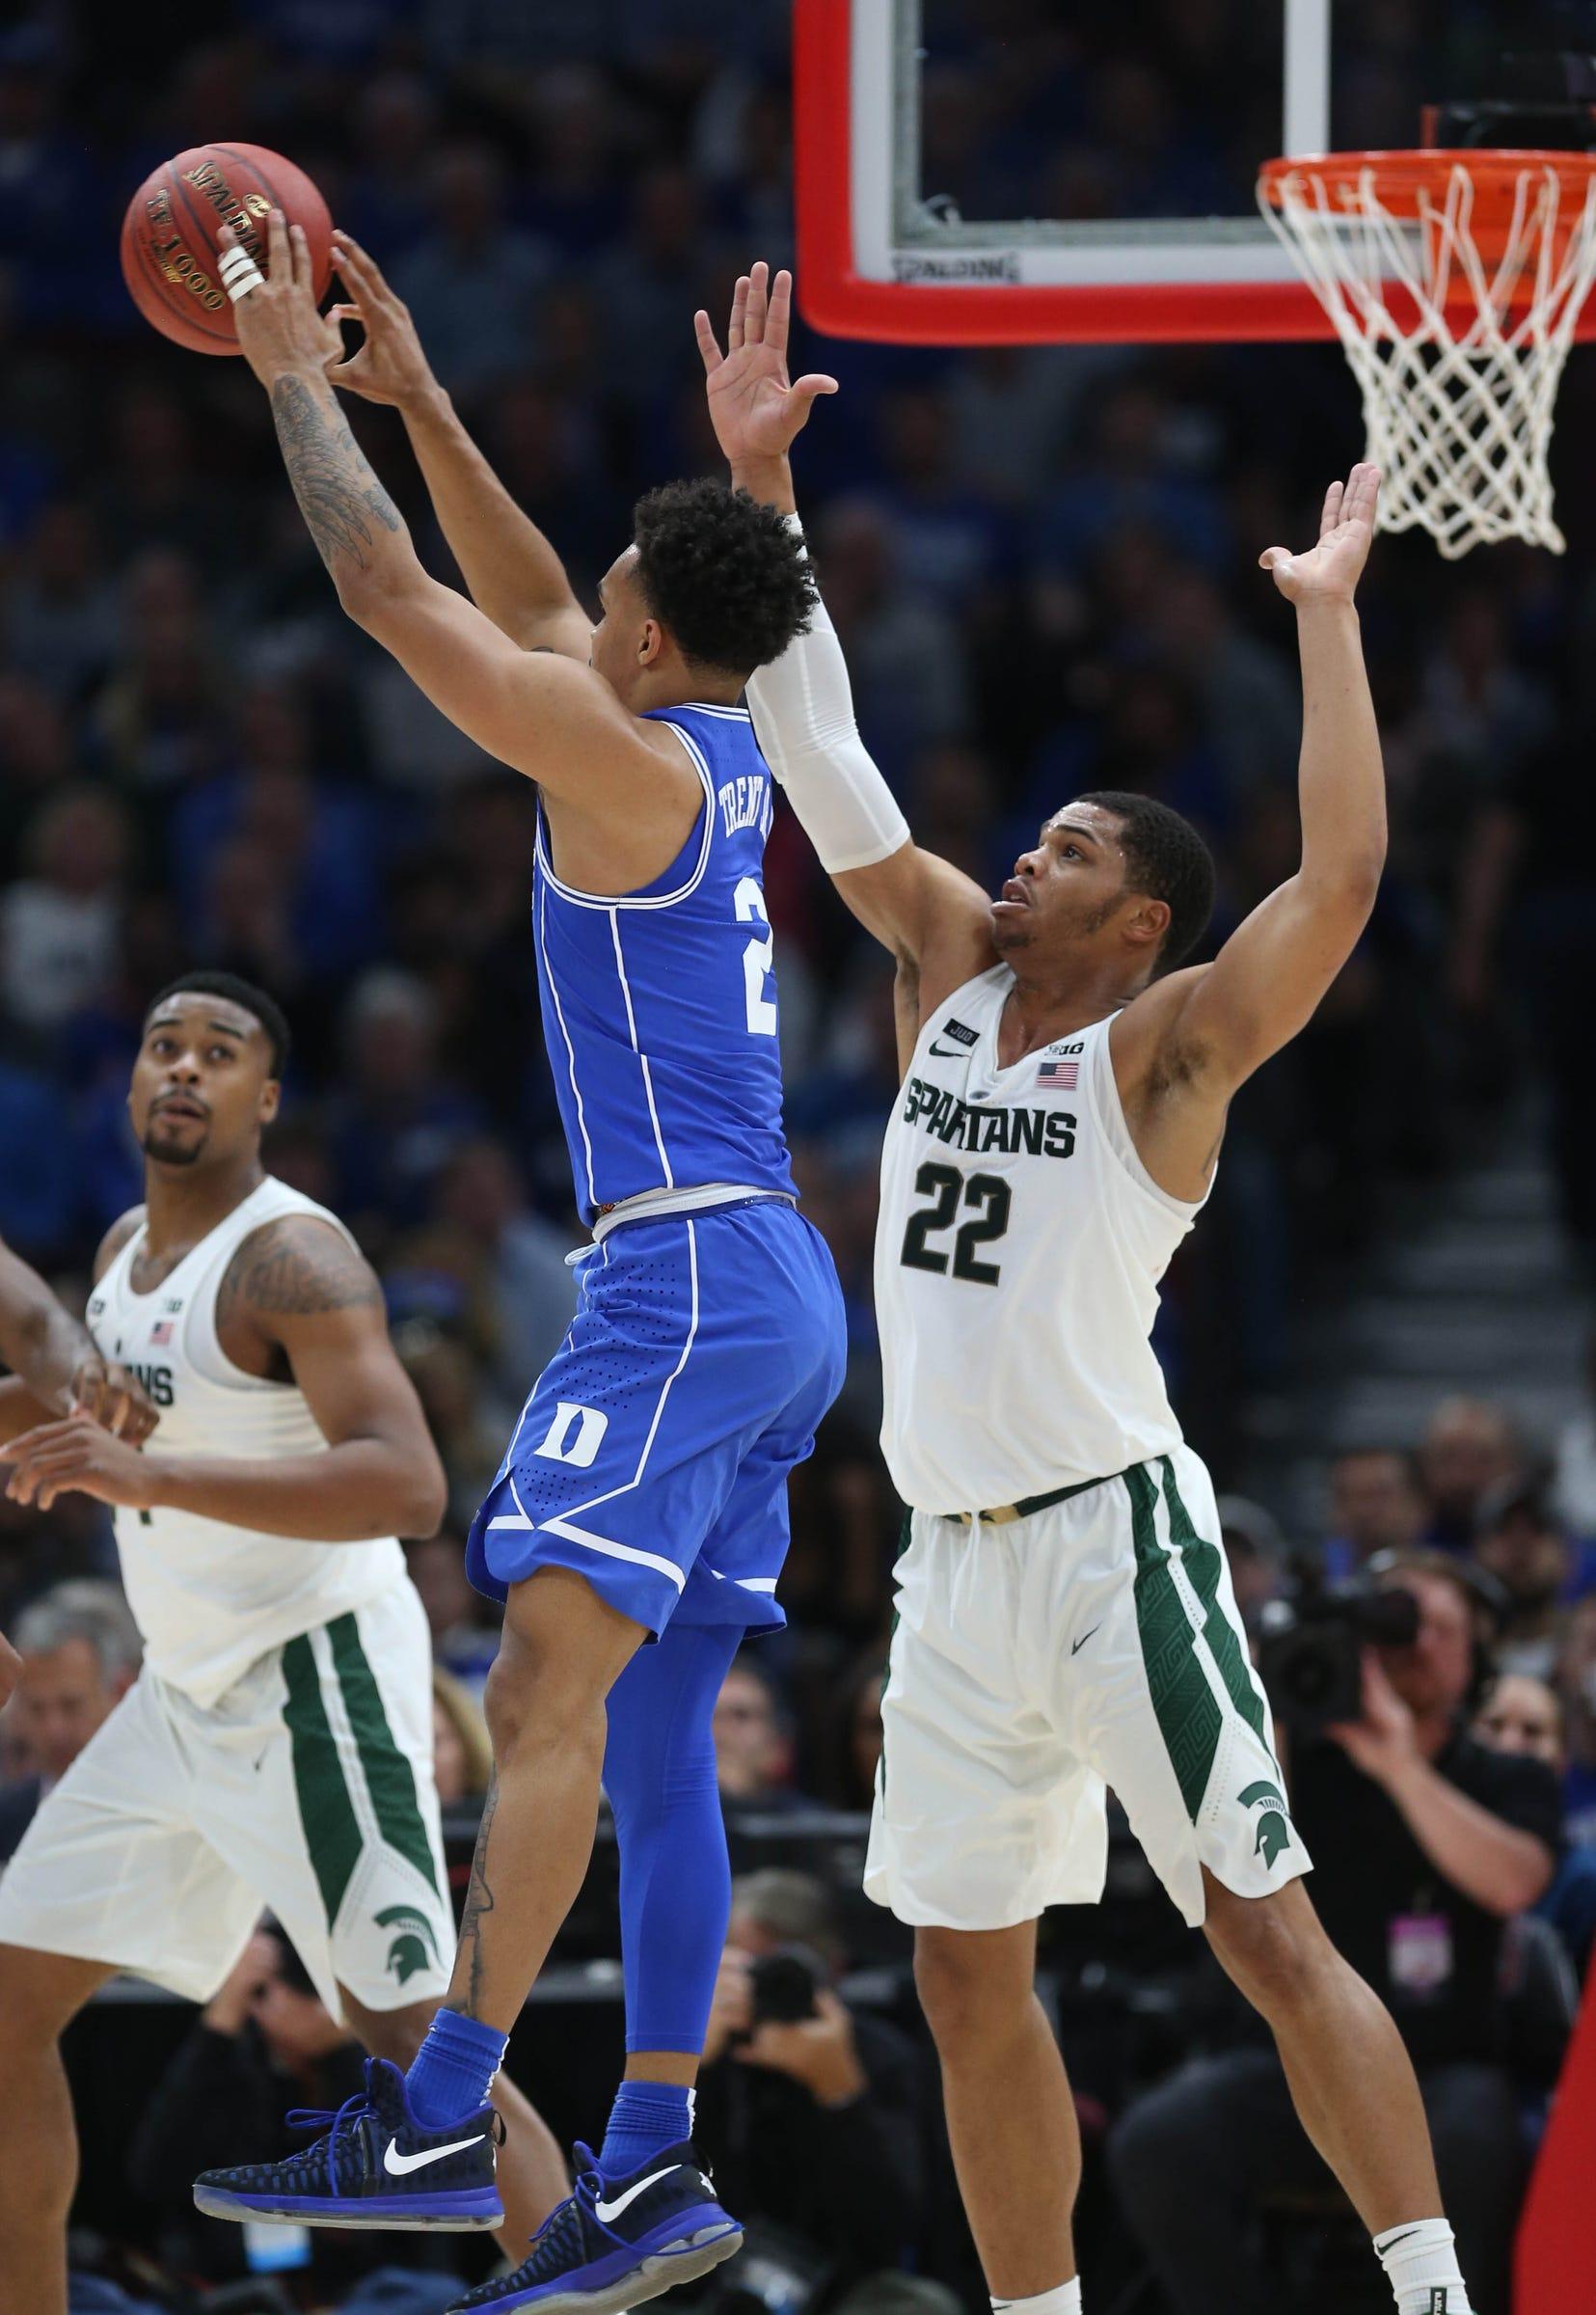 Michigan State's Miles Bridges defends against Duke's